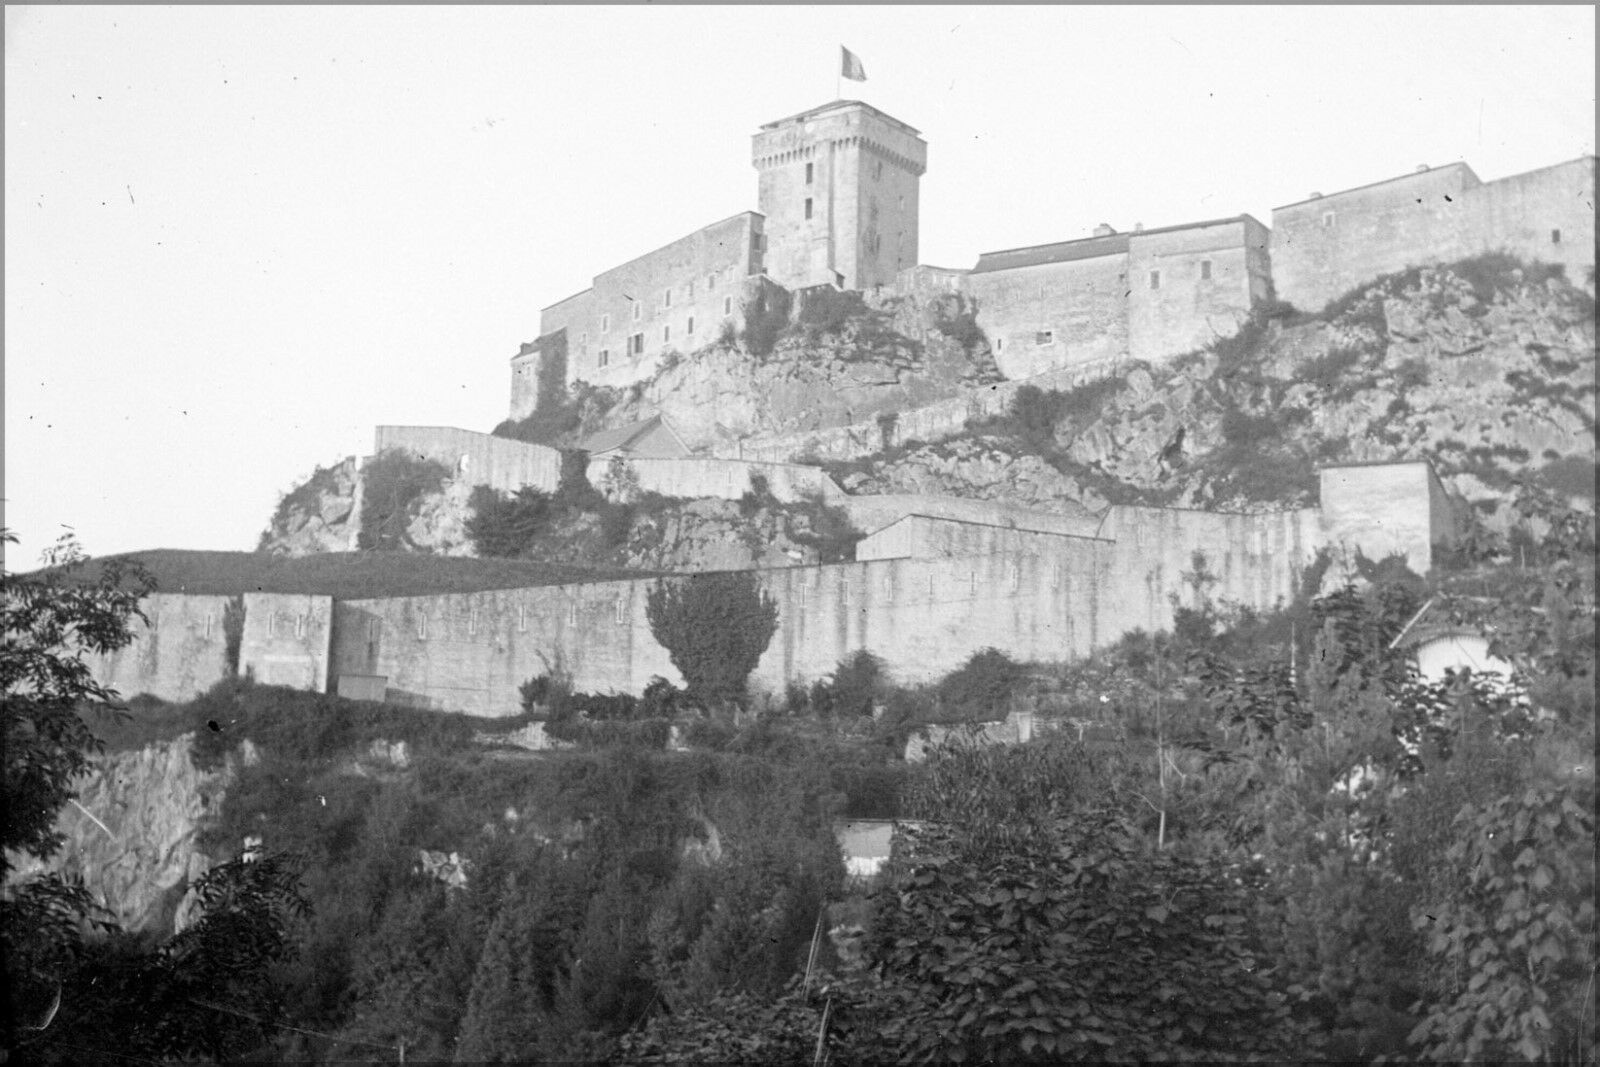 Plakat, Viele Größen ;La Citadelle,Lourdes Frankreich 1898